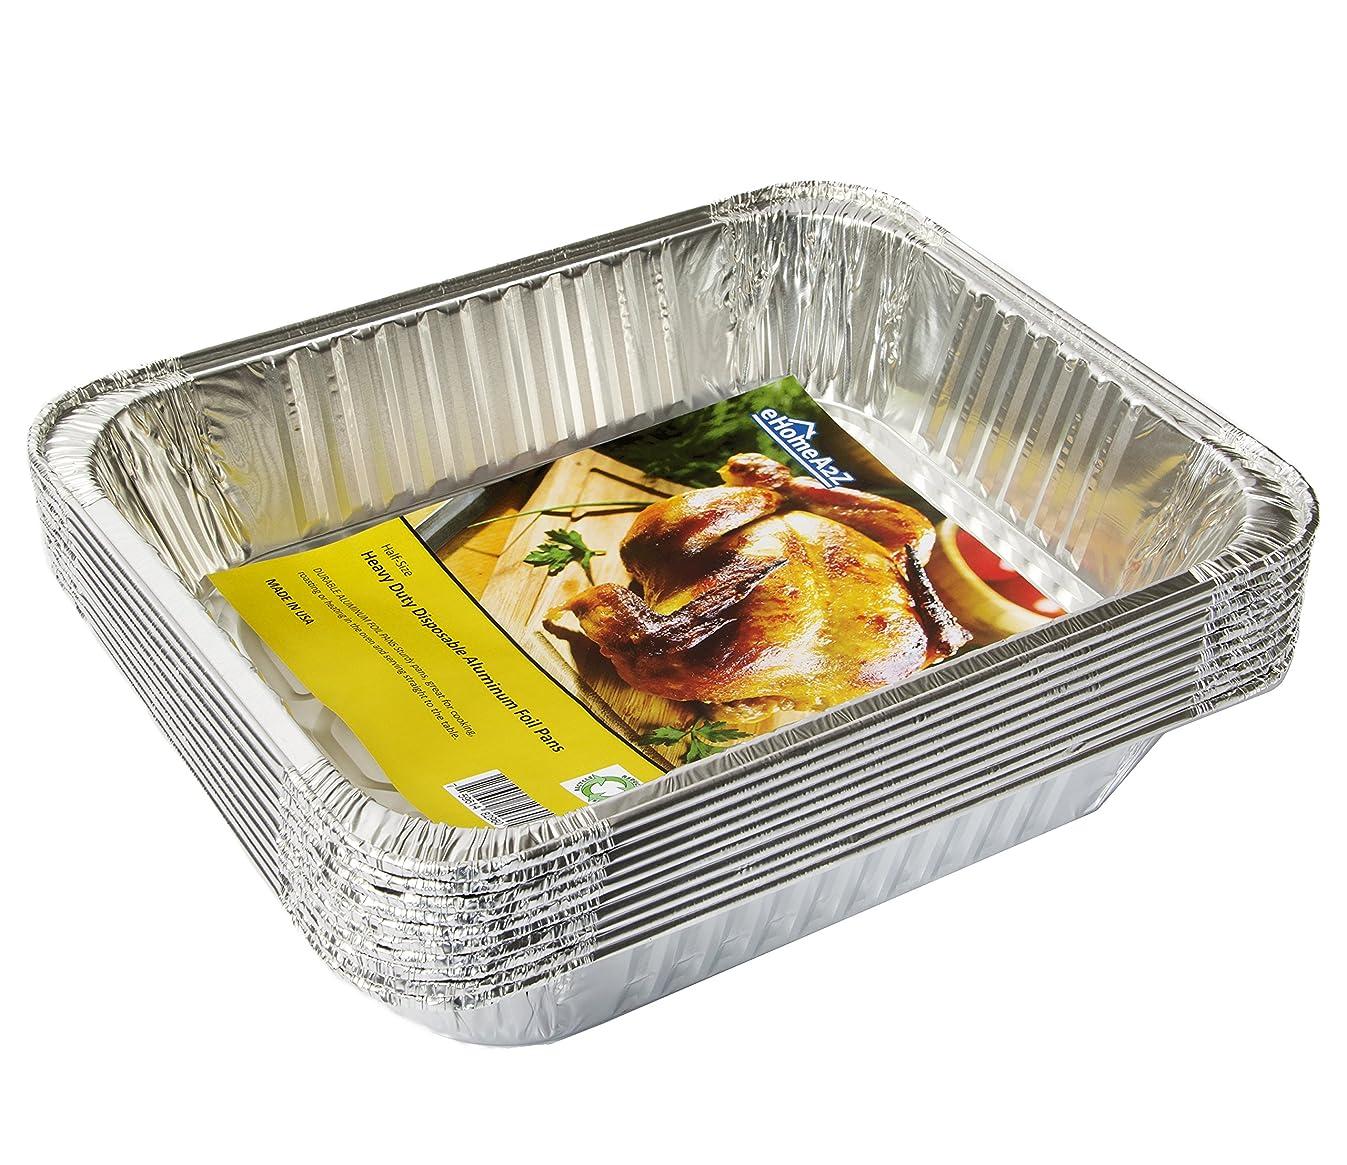 eHomeA2Z Aluminum Pans Half Size Disposable 9